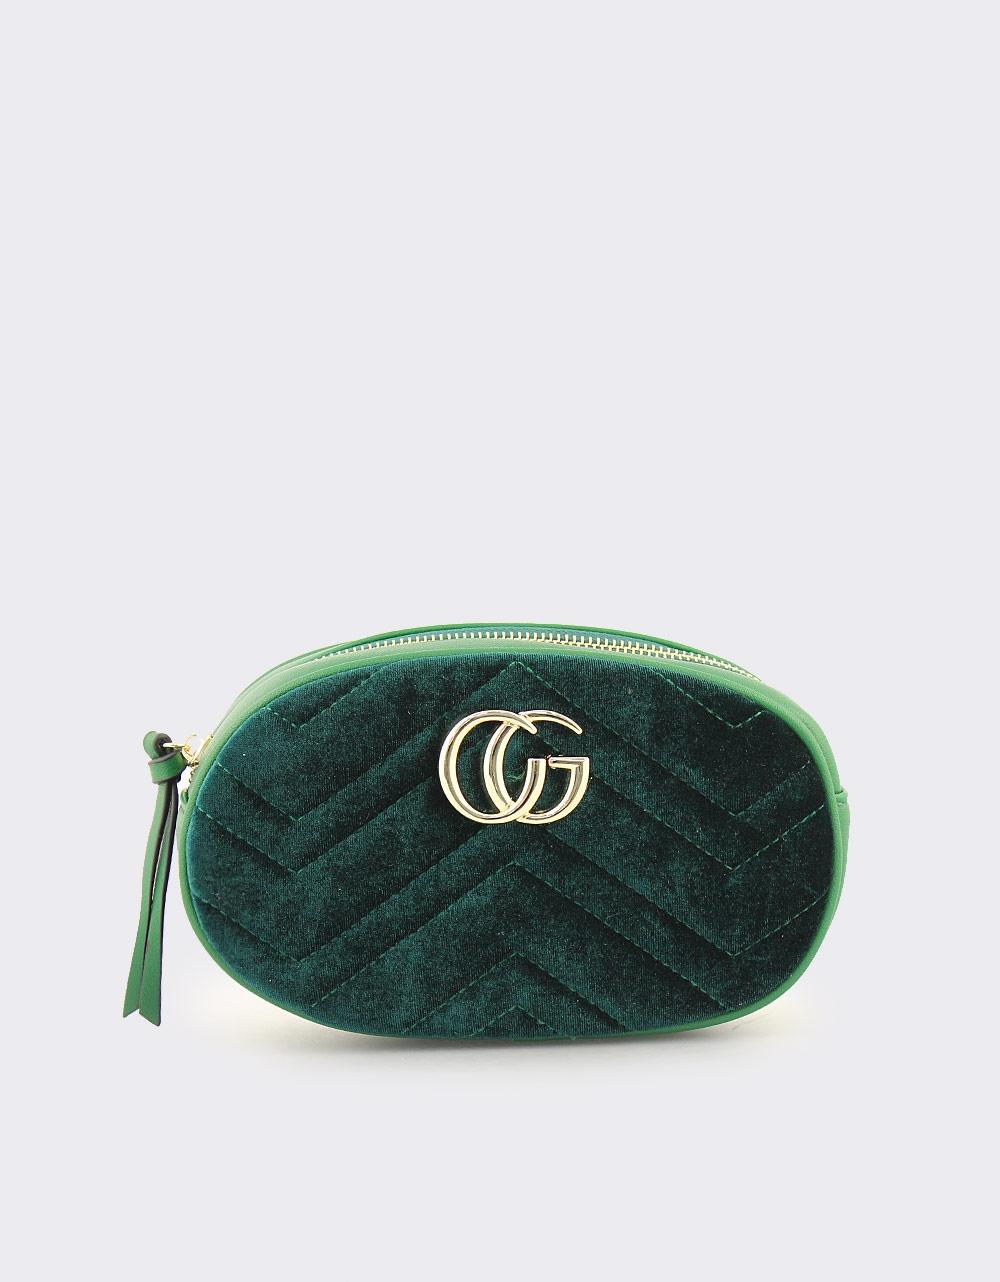 Εικόνα από Γυναικείες τσάντες ώμου και μέσης με βελούδινα σχέδια Πράσινο